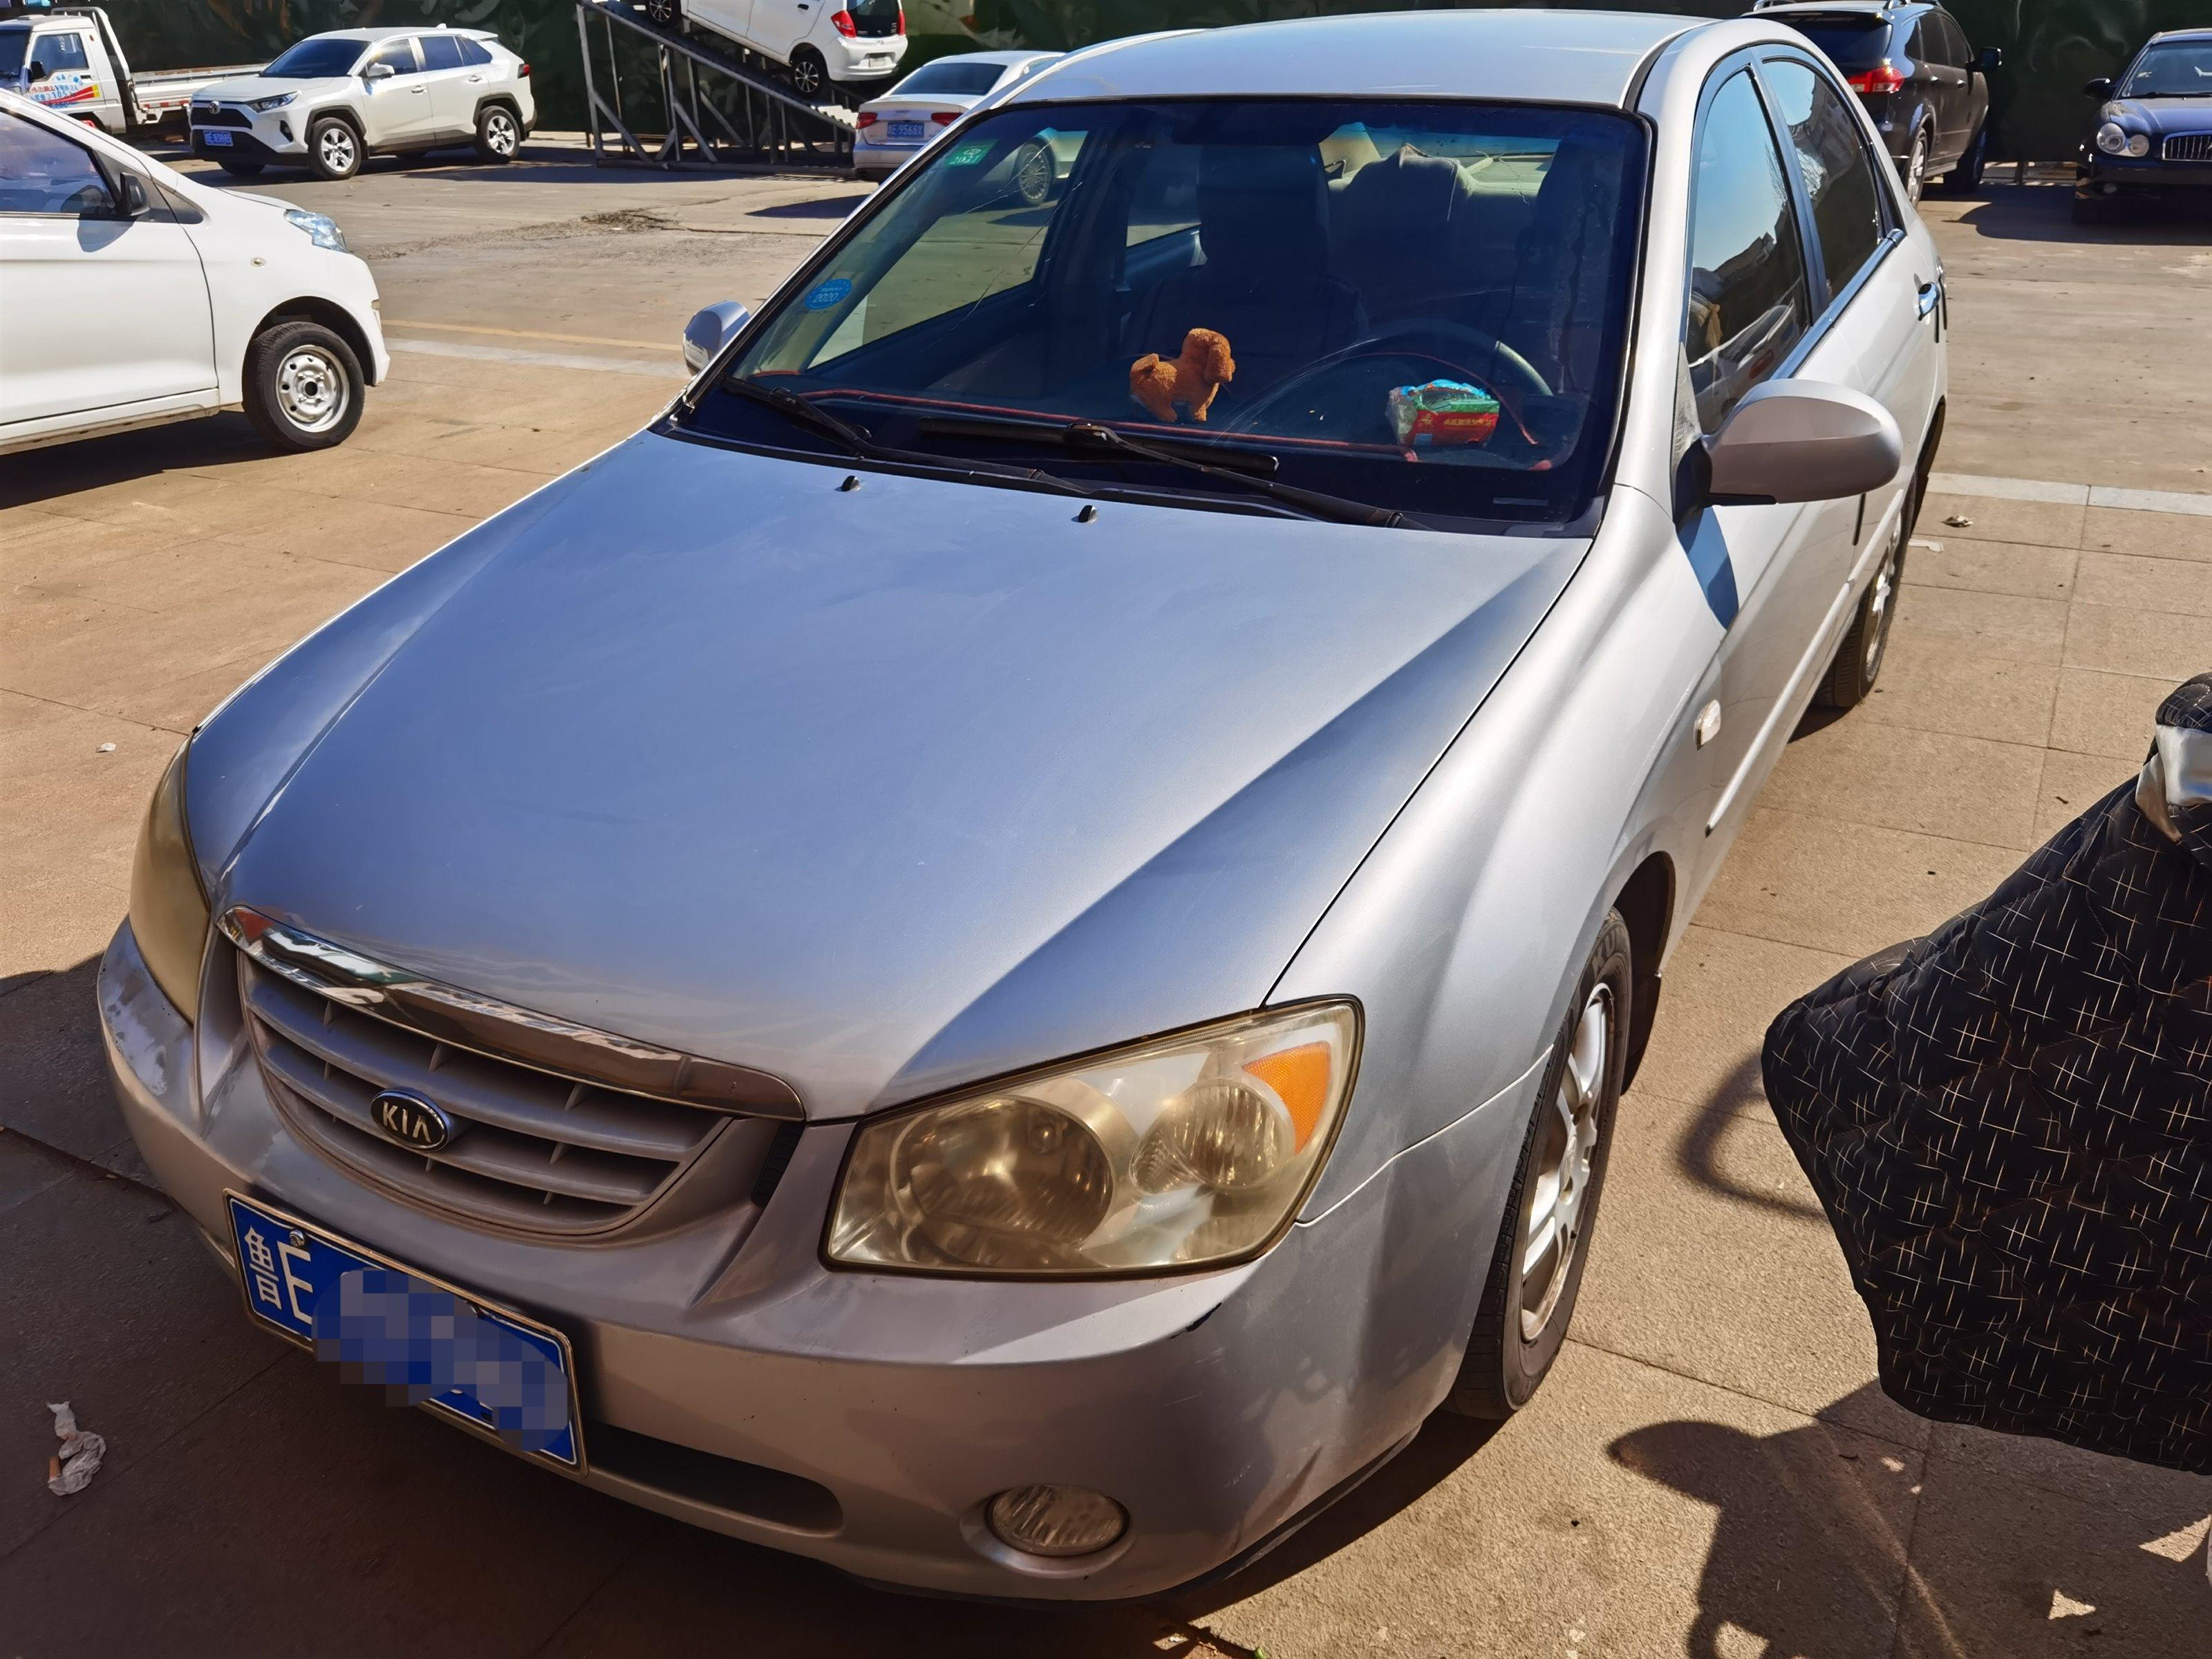 起亚赛拉图手动挡06年的车,几千块钱,车况很好,换车转让,联系电话13475293111